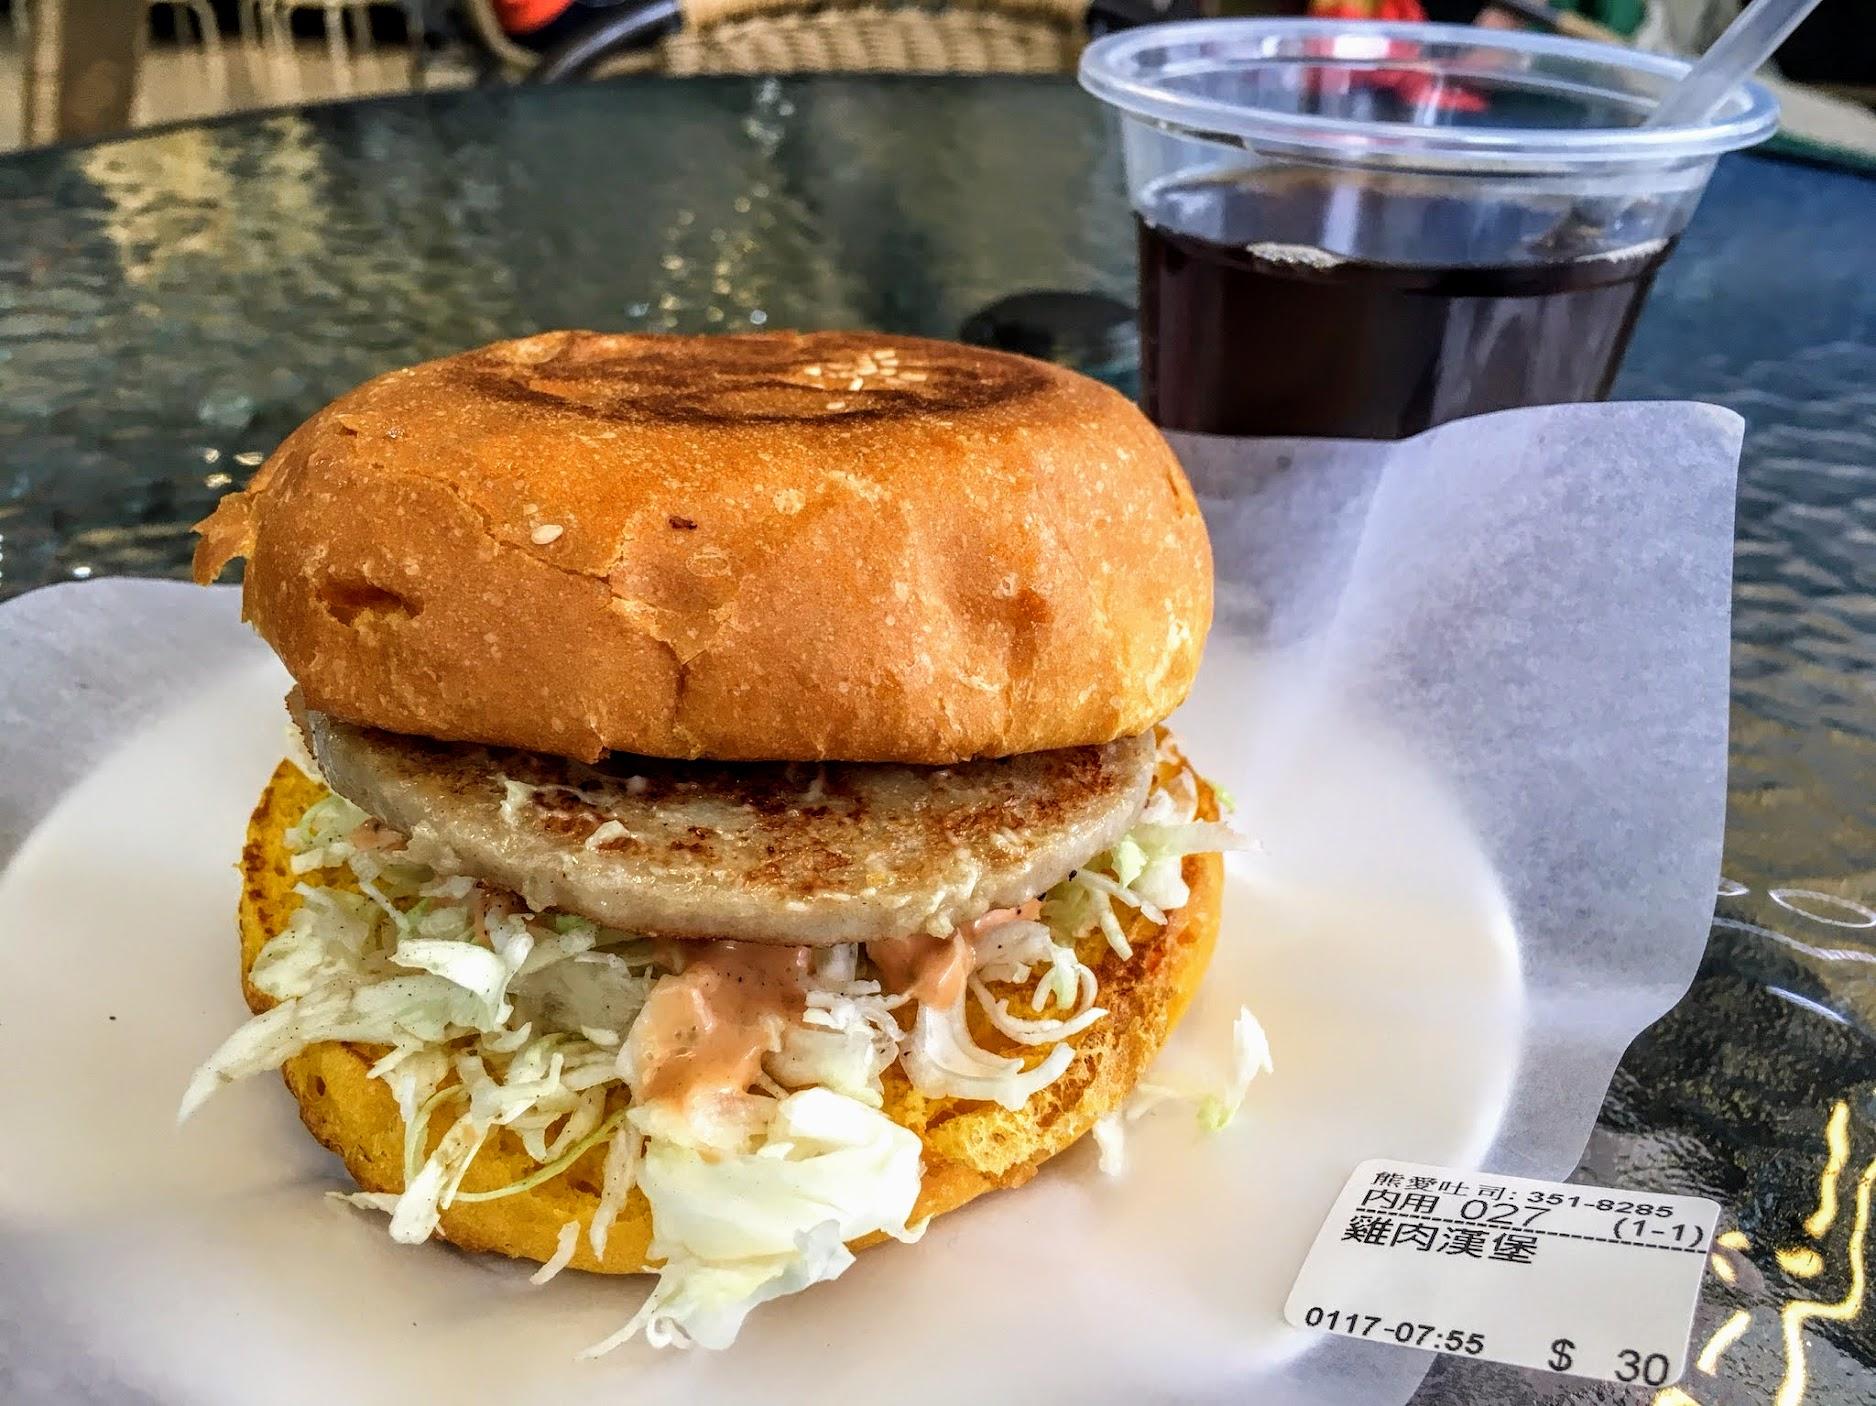 雞肉漢堡,中間夾著雞肉片,只是雞肉片不大塊就是了...底下生菜是切絲的,再淋上沙拉醬...